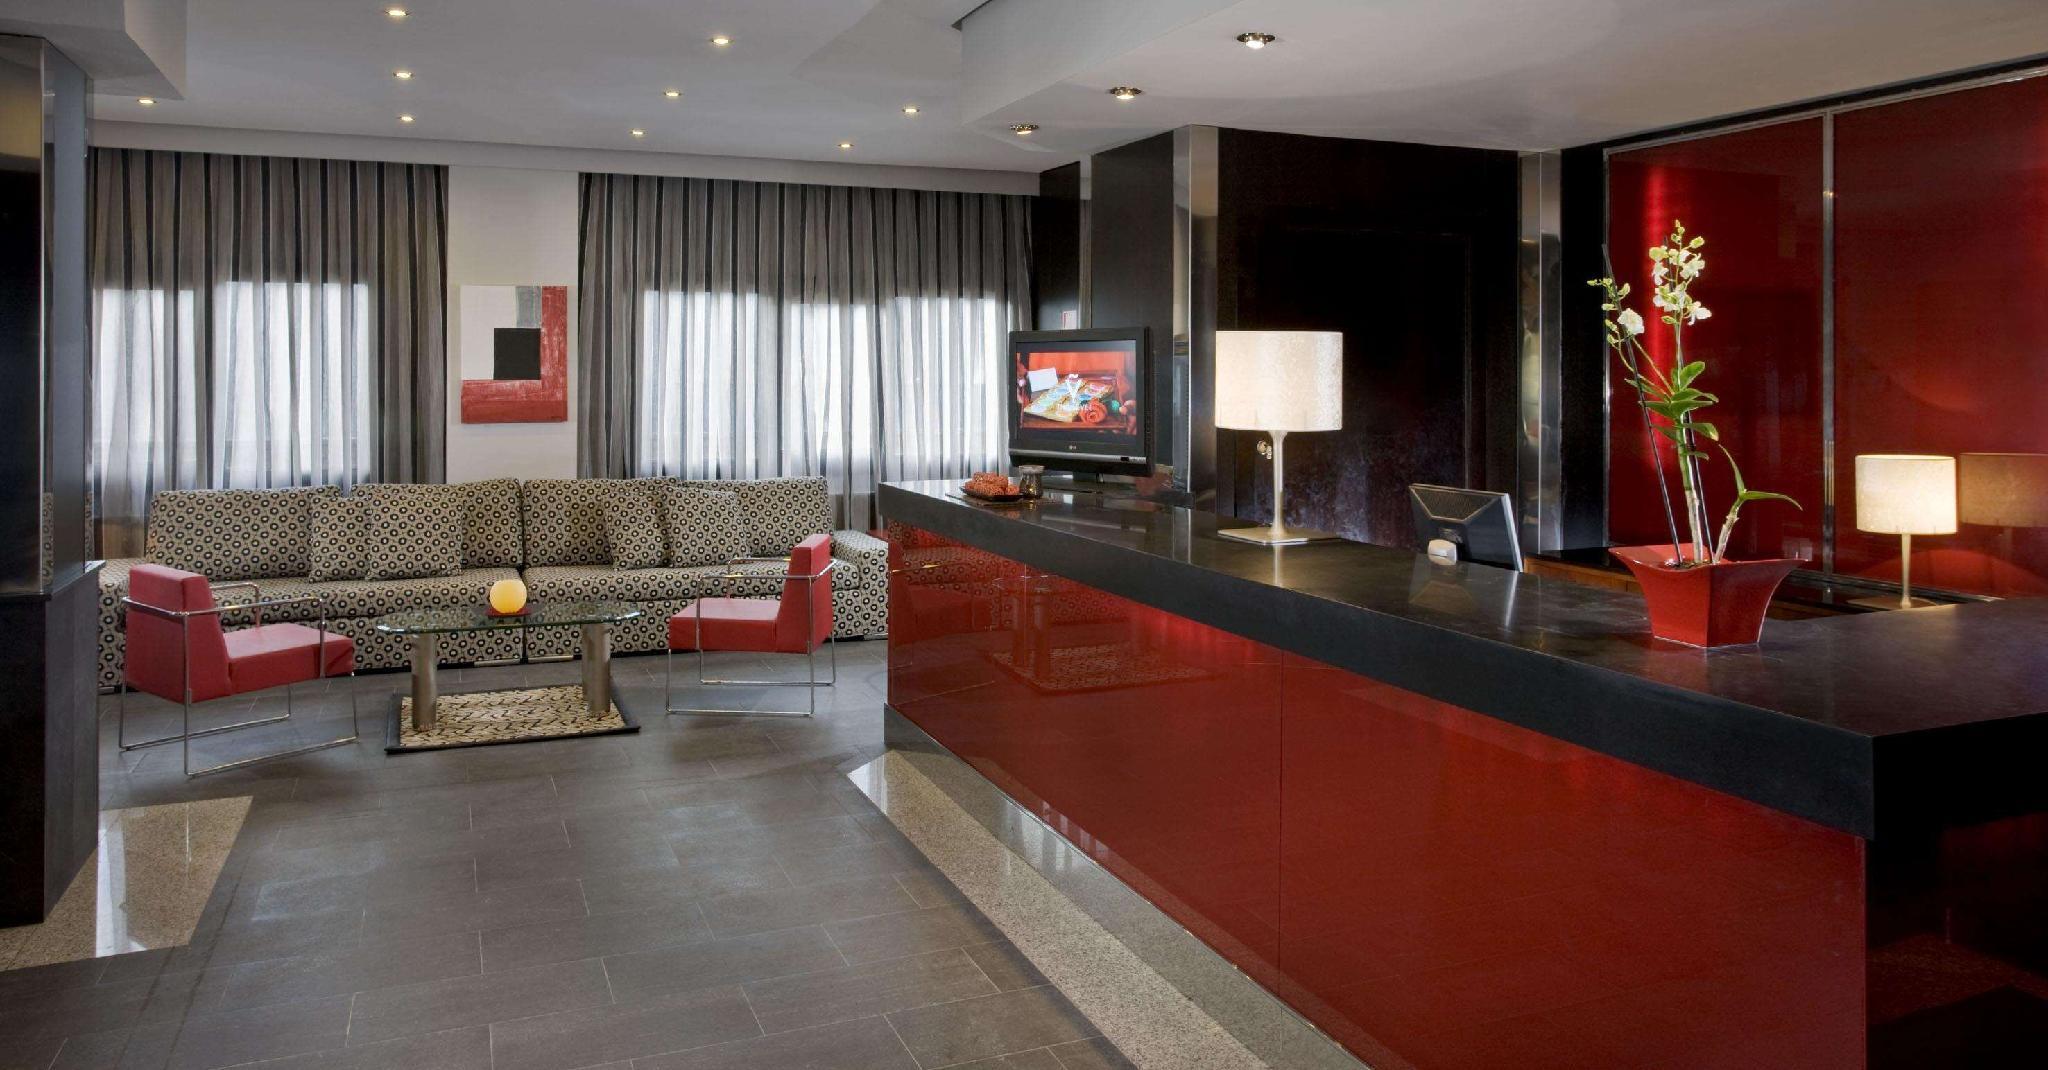 Melia Royal Tanau Hotel, Lleida